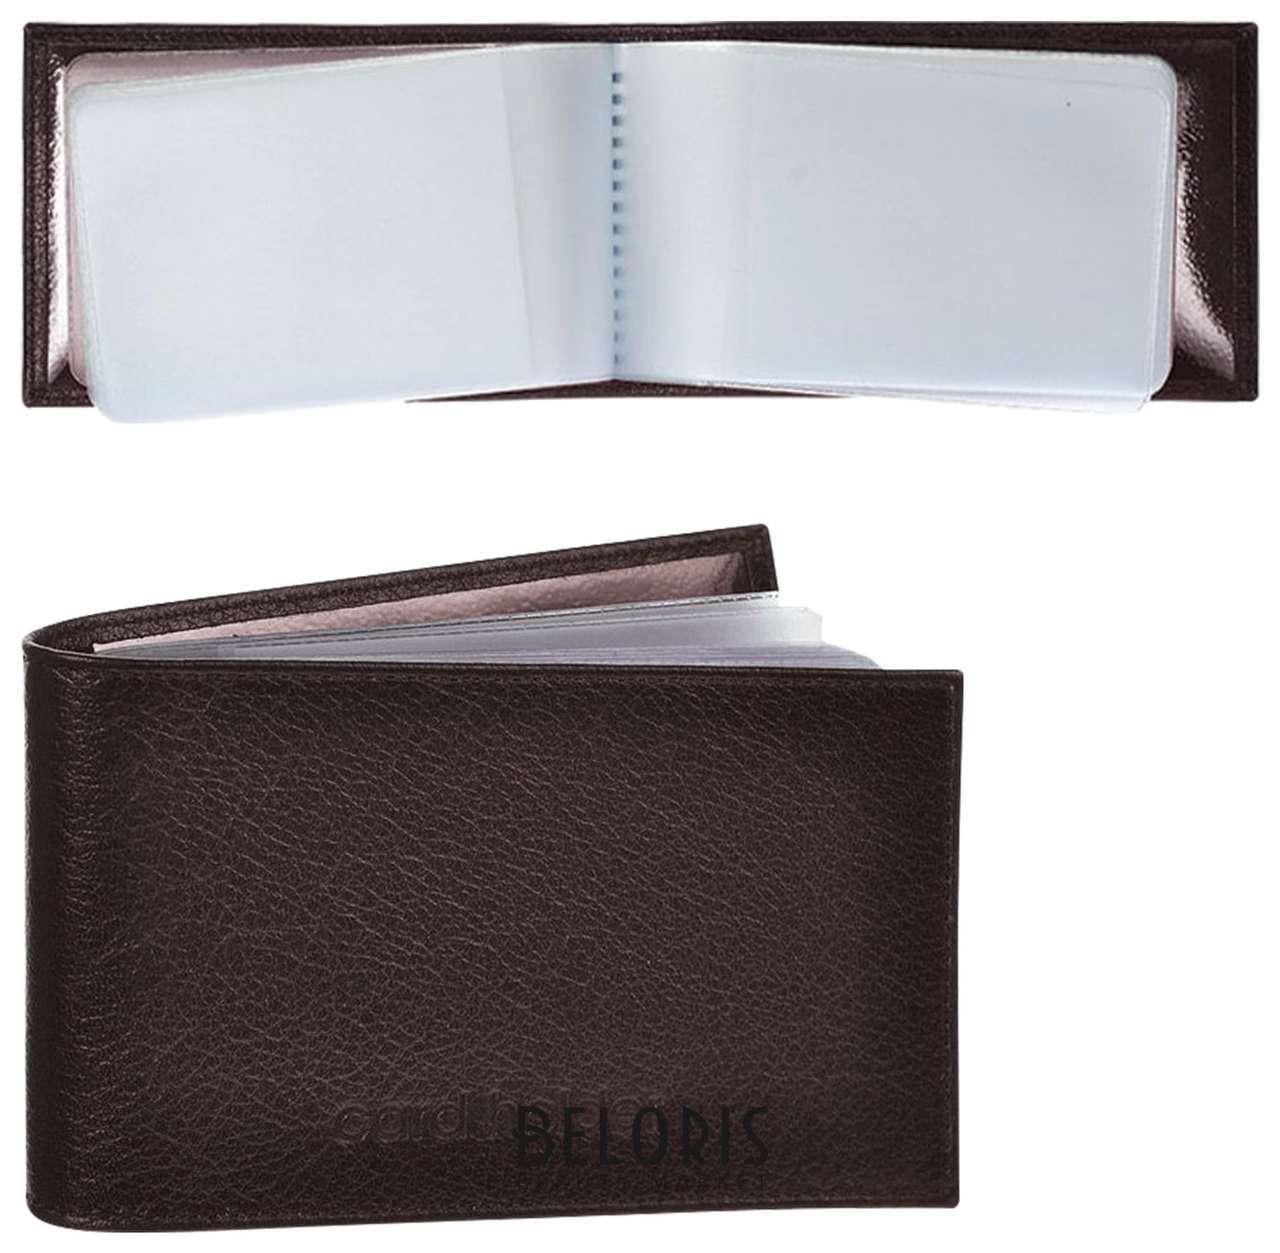 Визитница карманная Befler Грейд на 40 визитных карт, натуральная кожа, тиснение, коричневая  Befler